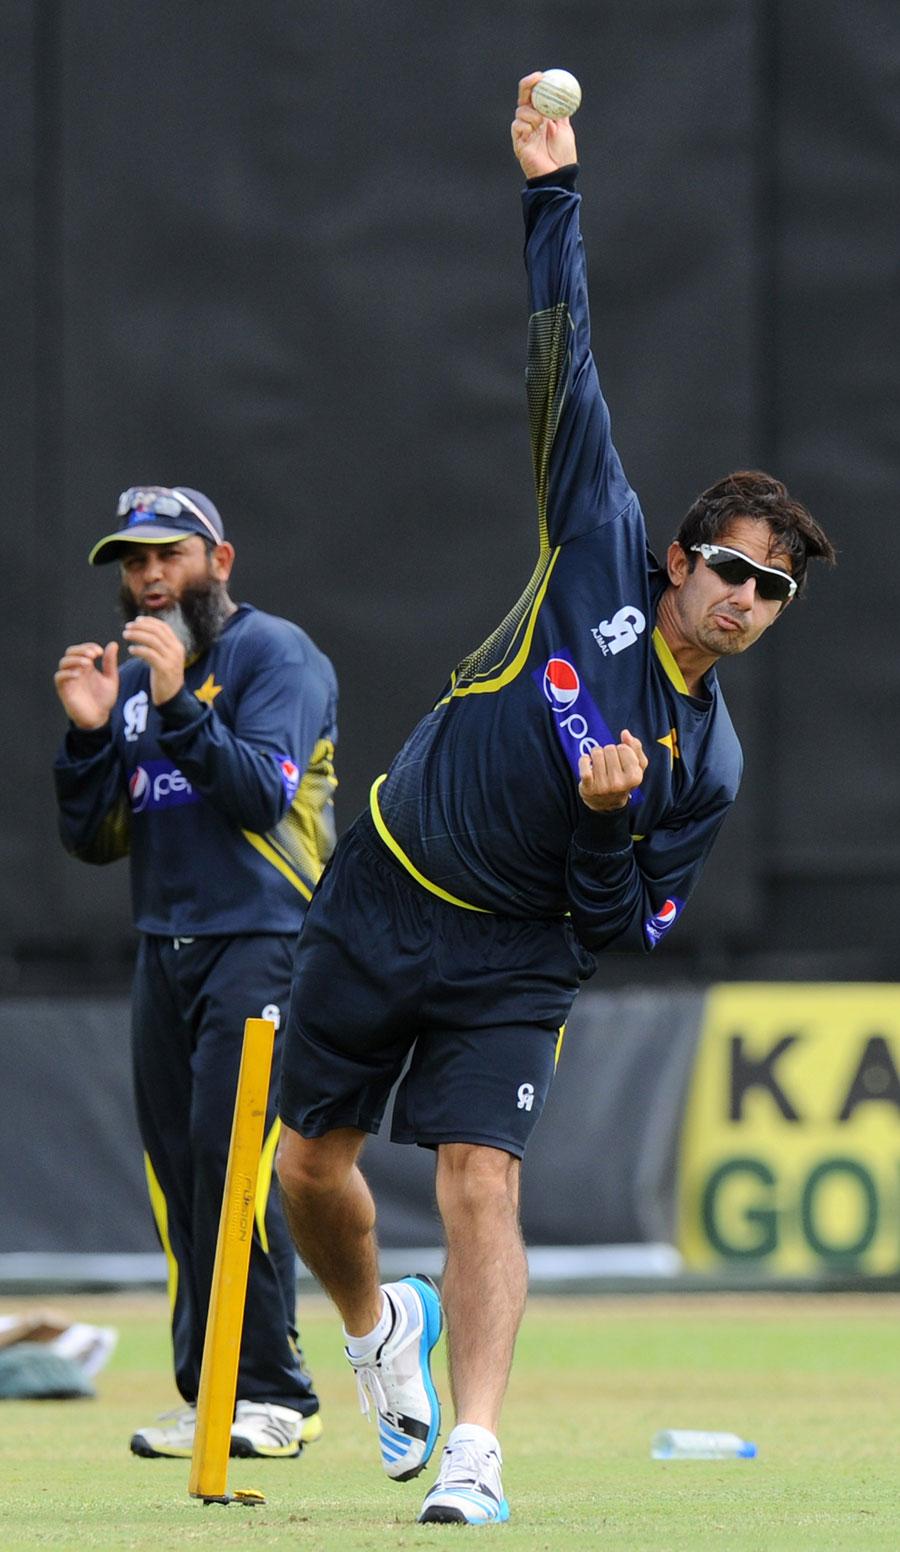 نئے ضابطوں کے لاگو ہونے کے بعد سے اب تک جانچ کروانے والے تمام گیندبازوں پر پابندی لگی ہے، جن میں پاکستان کے سعید اجمل بھی شامل ہیں (تصویر: AFP)